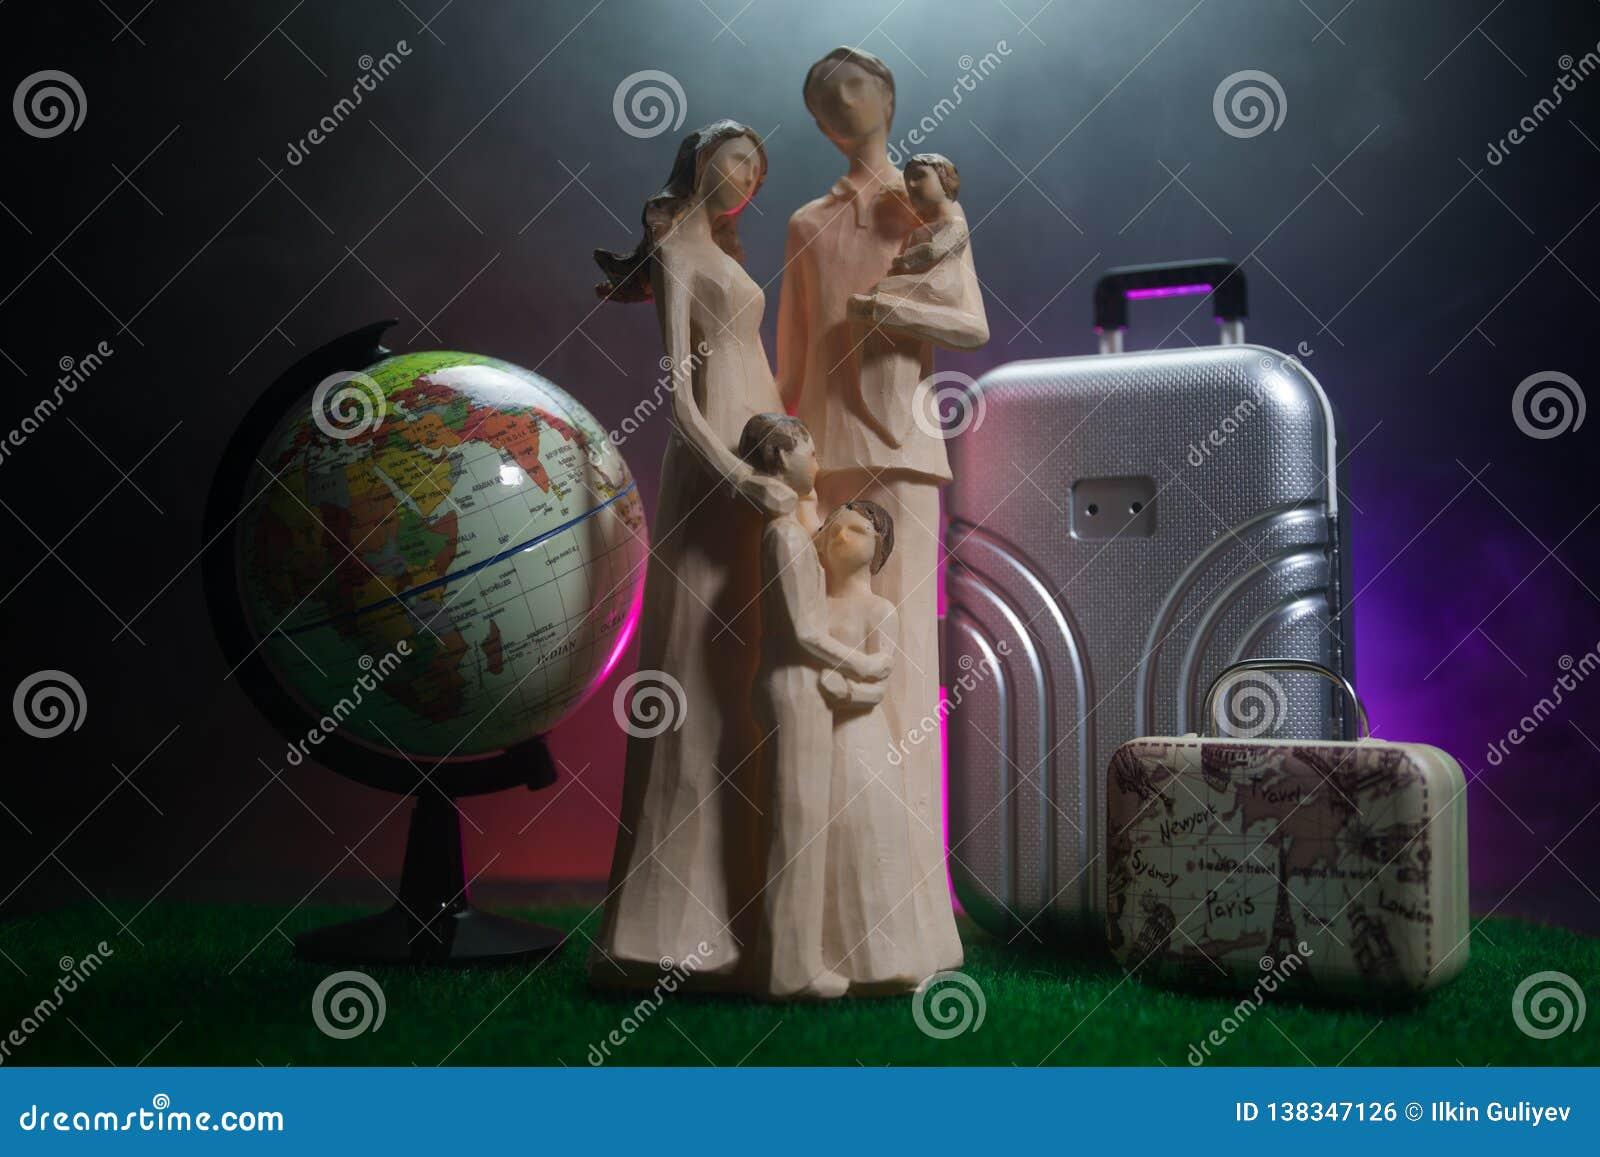 Σκιαγραφία της νέας οικογένειας με τις αποσκευές που περπατούν στον αερολιμένα, κορίτσι που παρουσιάζει κάτι μέσω του παραθύρου